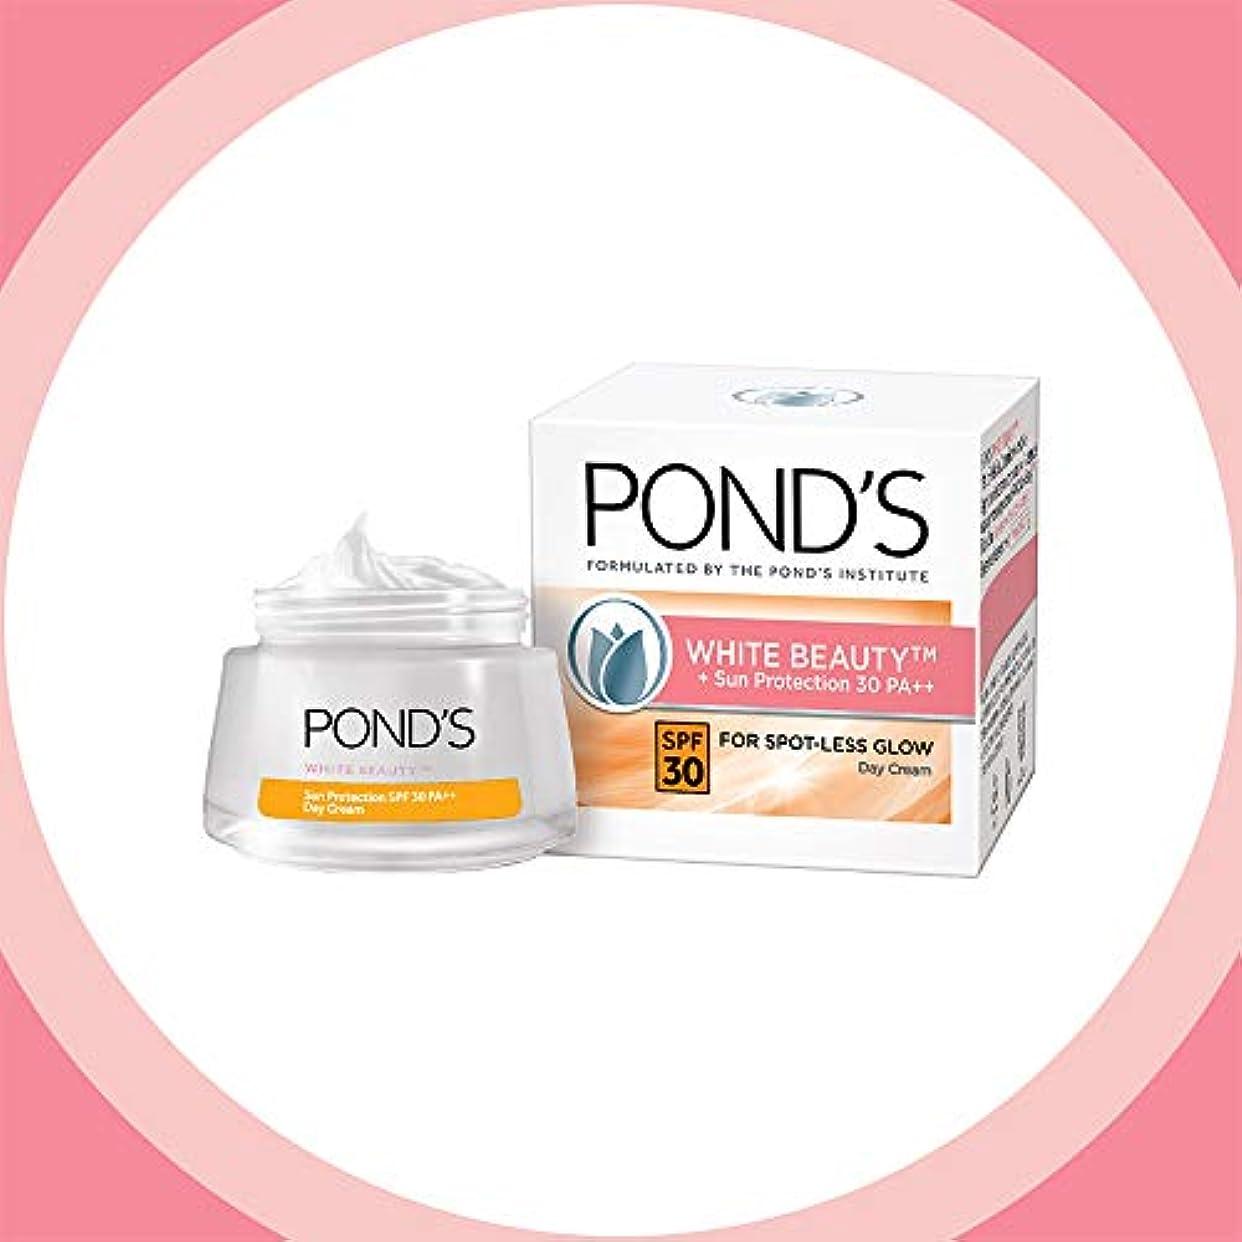 驚いたことに優しい潤滑するPOND'S White Beauty Sun Protection SPF 30 Day Cream, 50 g